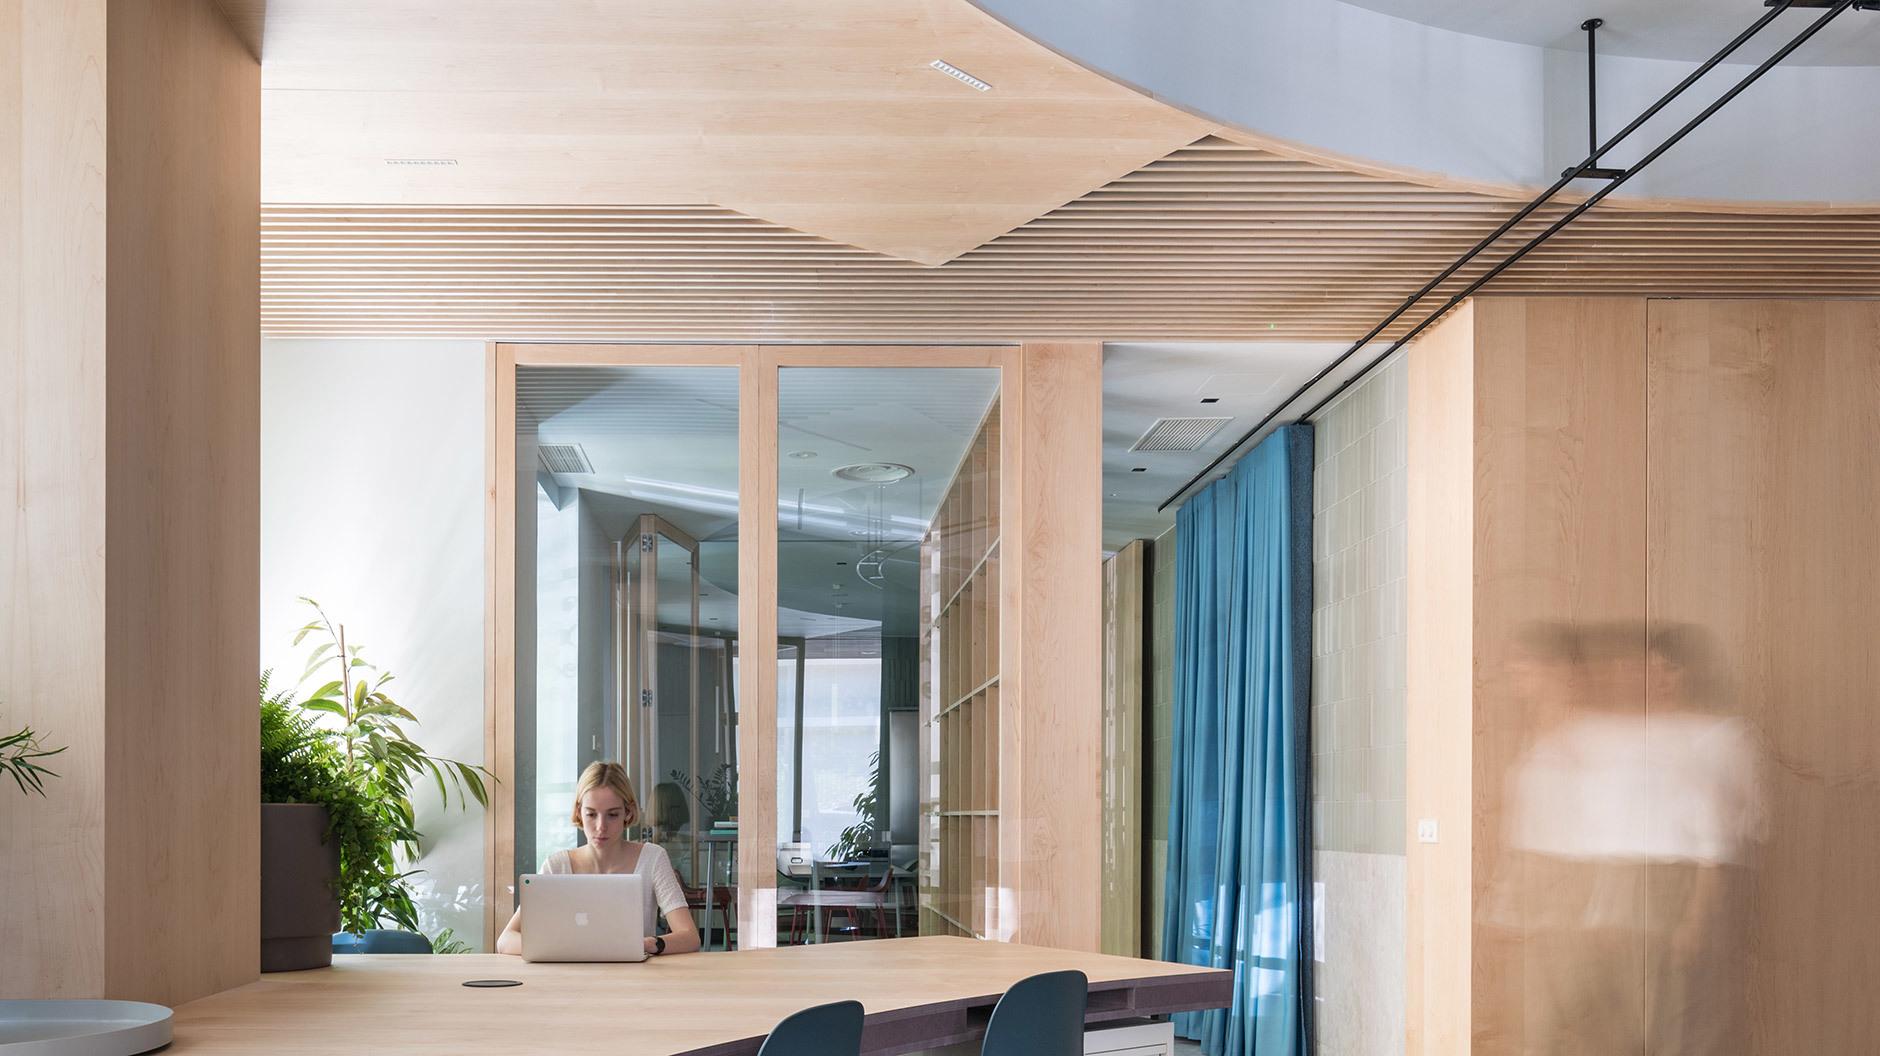 Wände und Decken sind mit Holz verkleidet und tragen zu einer warmen Atmosphäre bei.